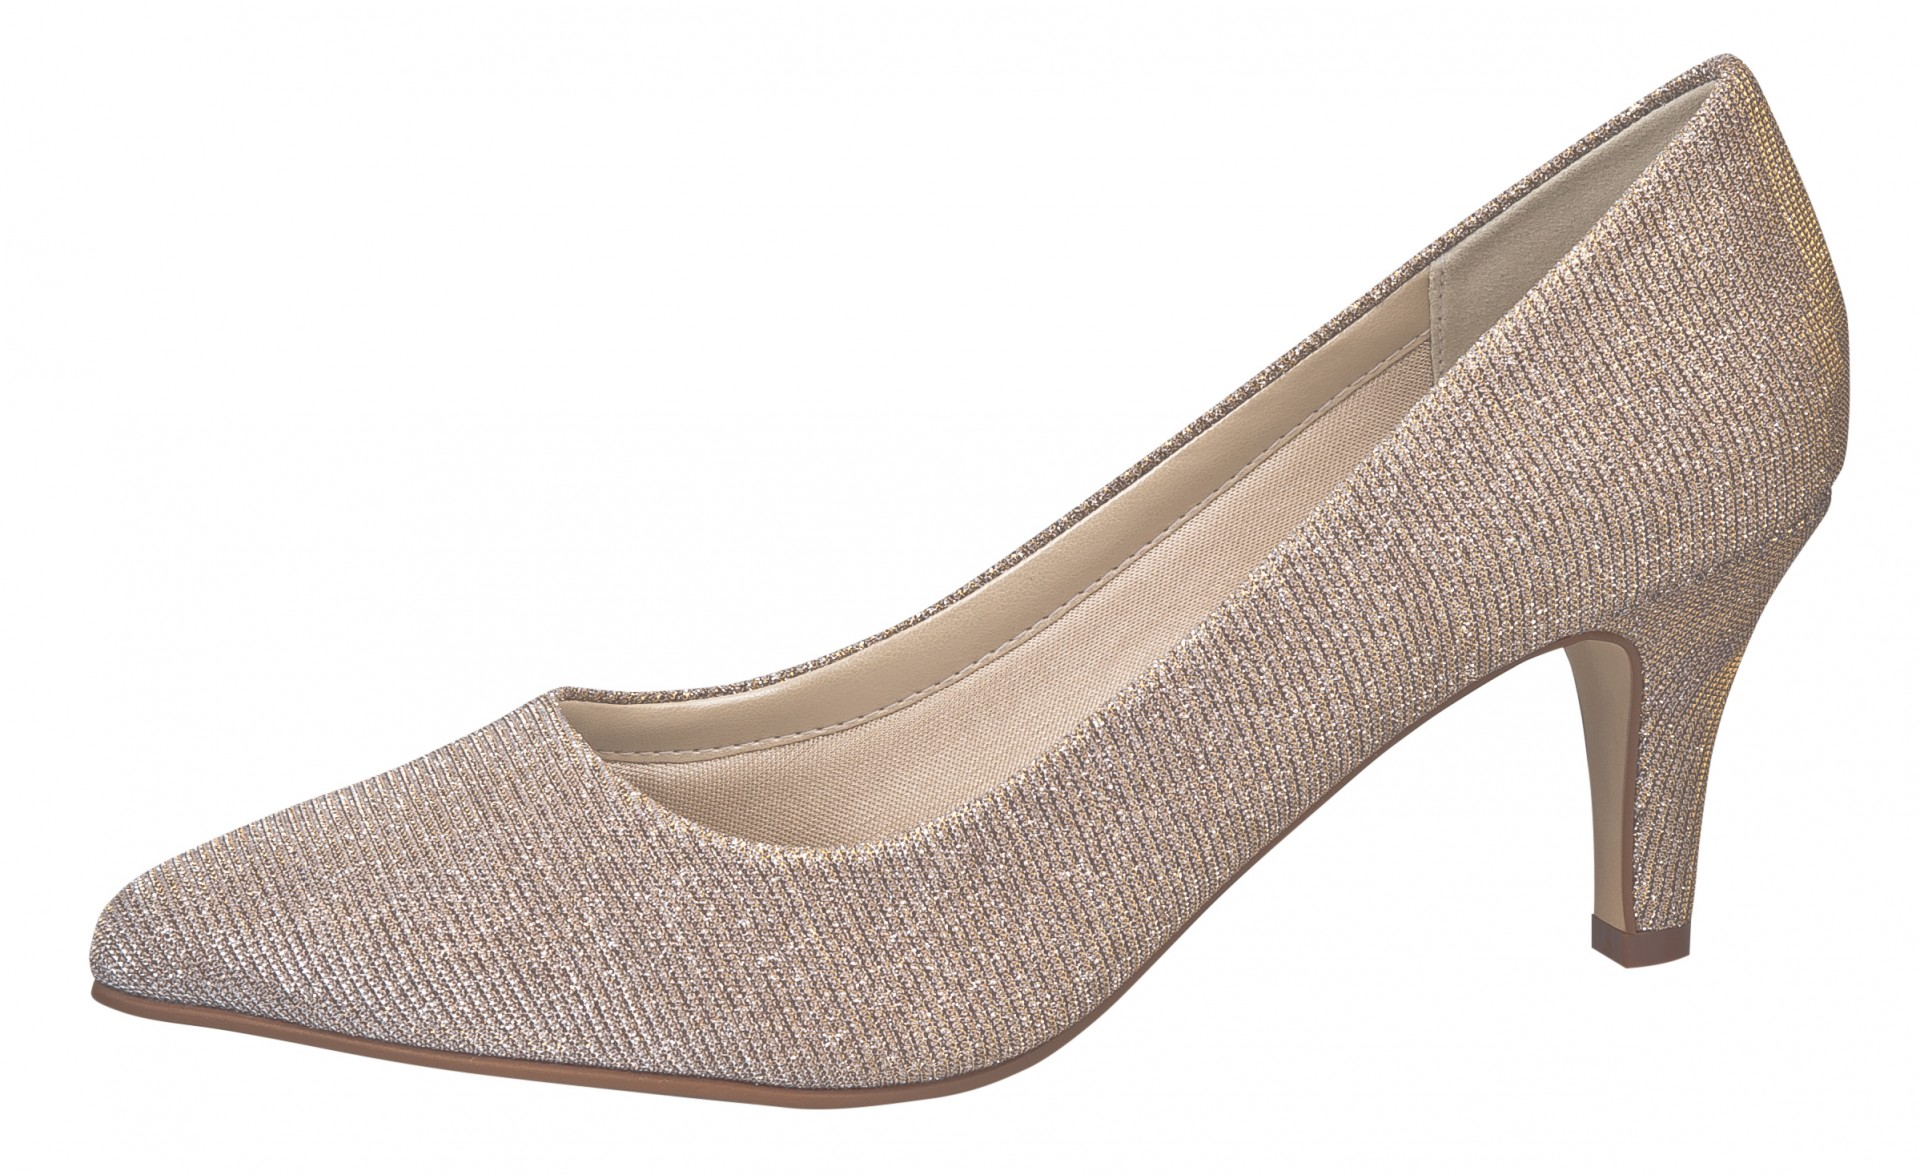 Elsa Coloured Shoes: Brooke